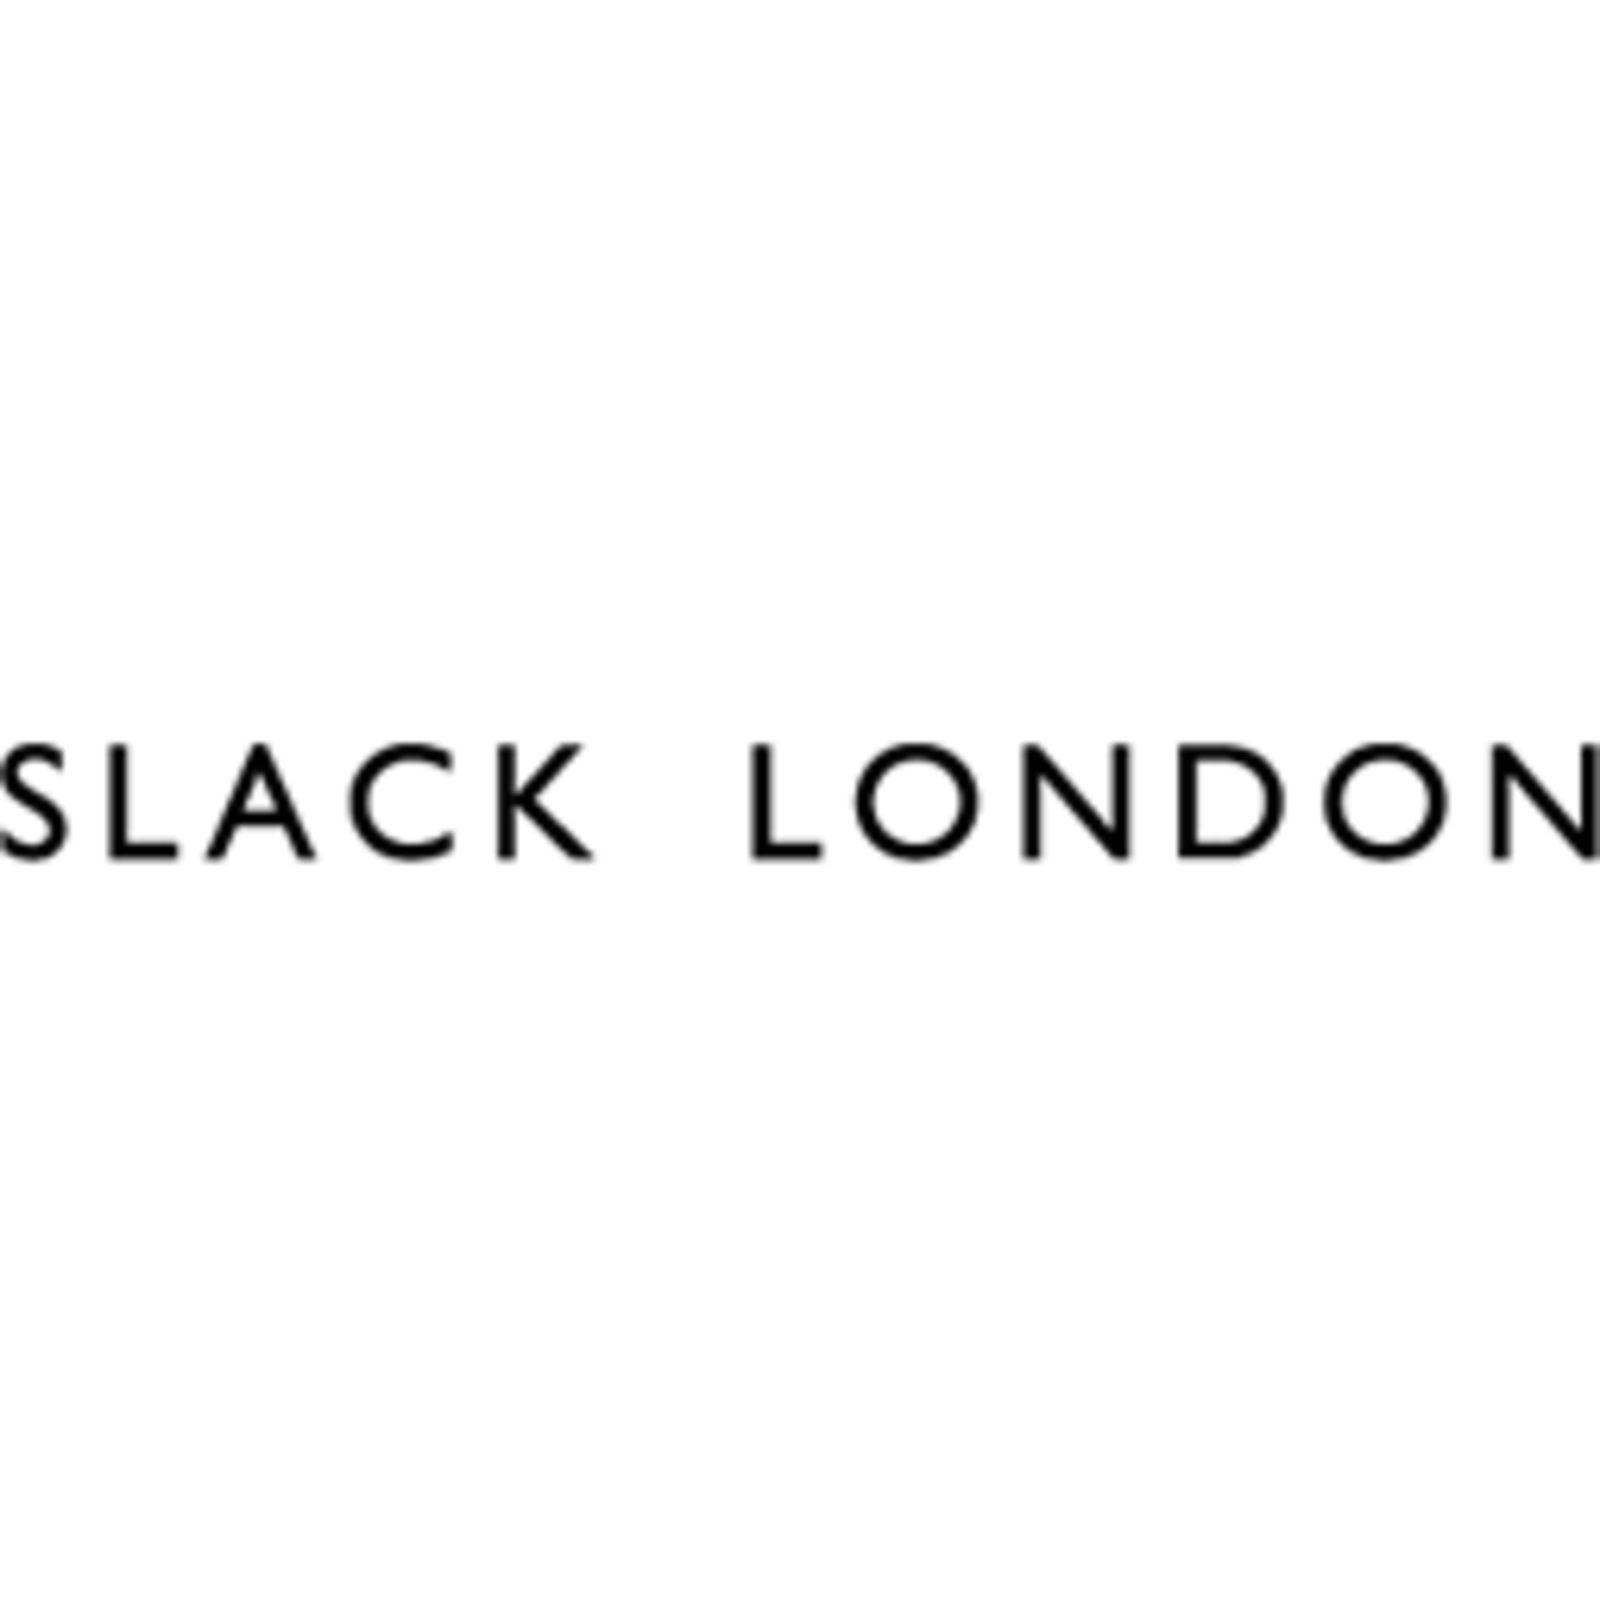 SLACK LONDON